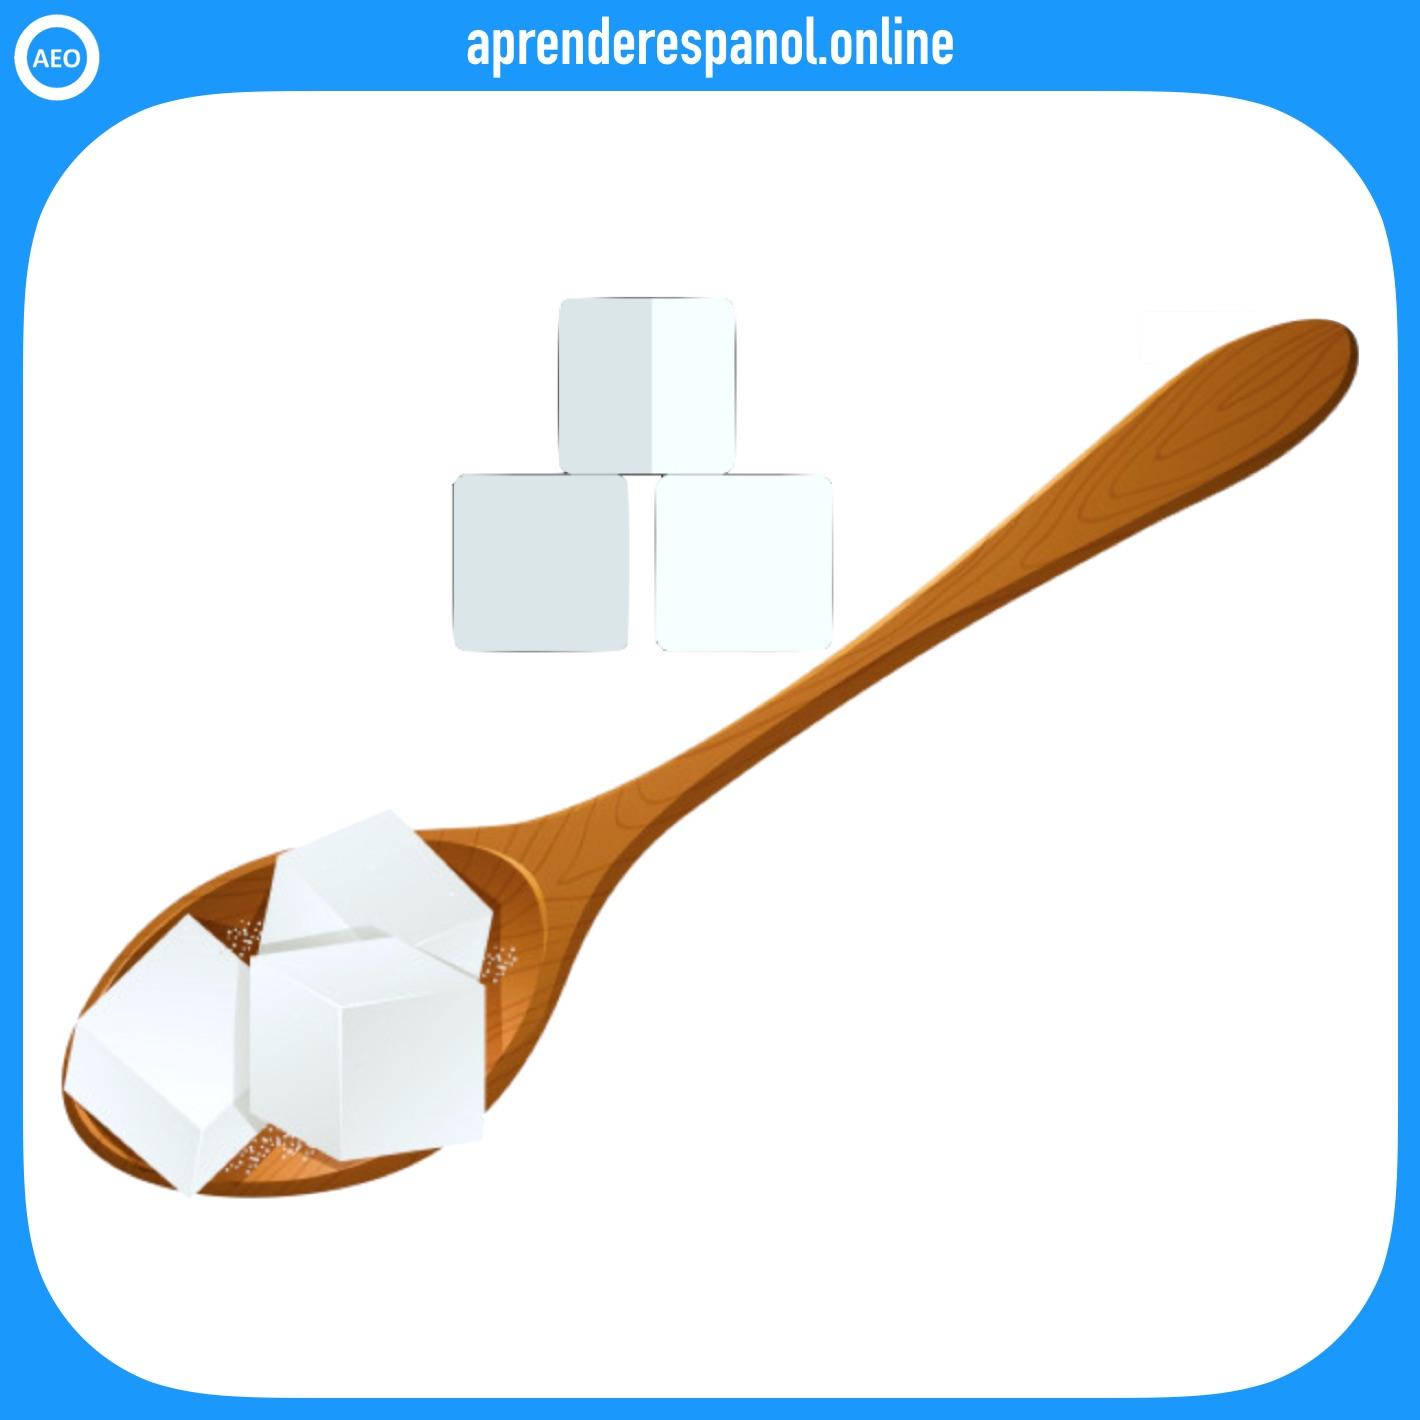 azúcar   alimentos en español   vocabulario de los alimentos en español